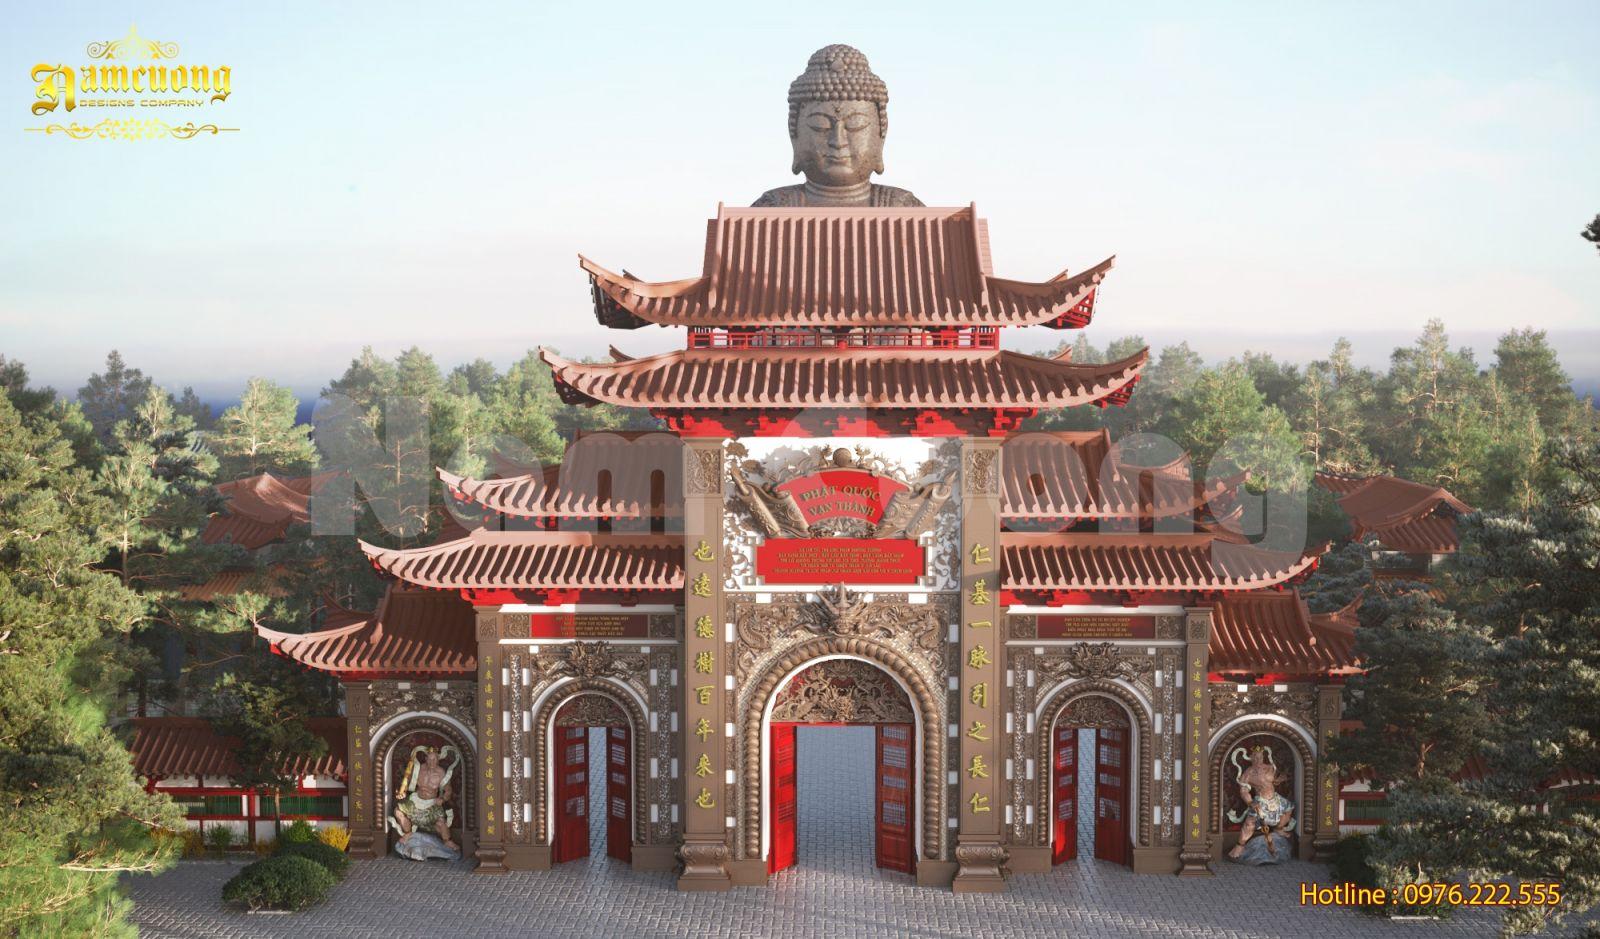 Thiết kế cổng chùa và tháp chùa tại Bình Phước